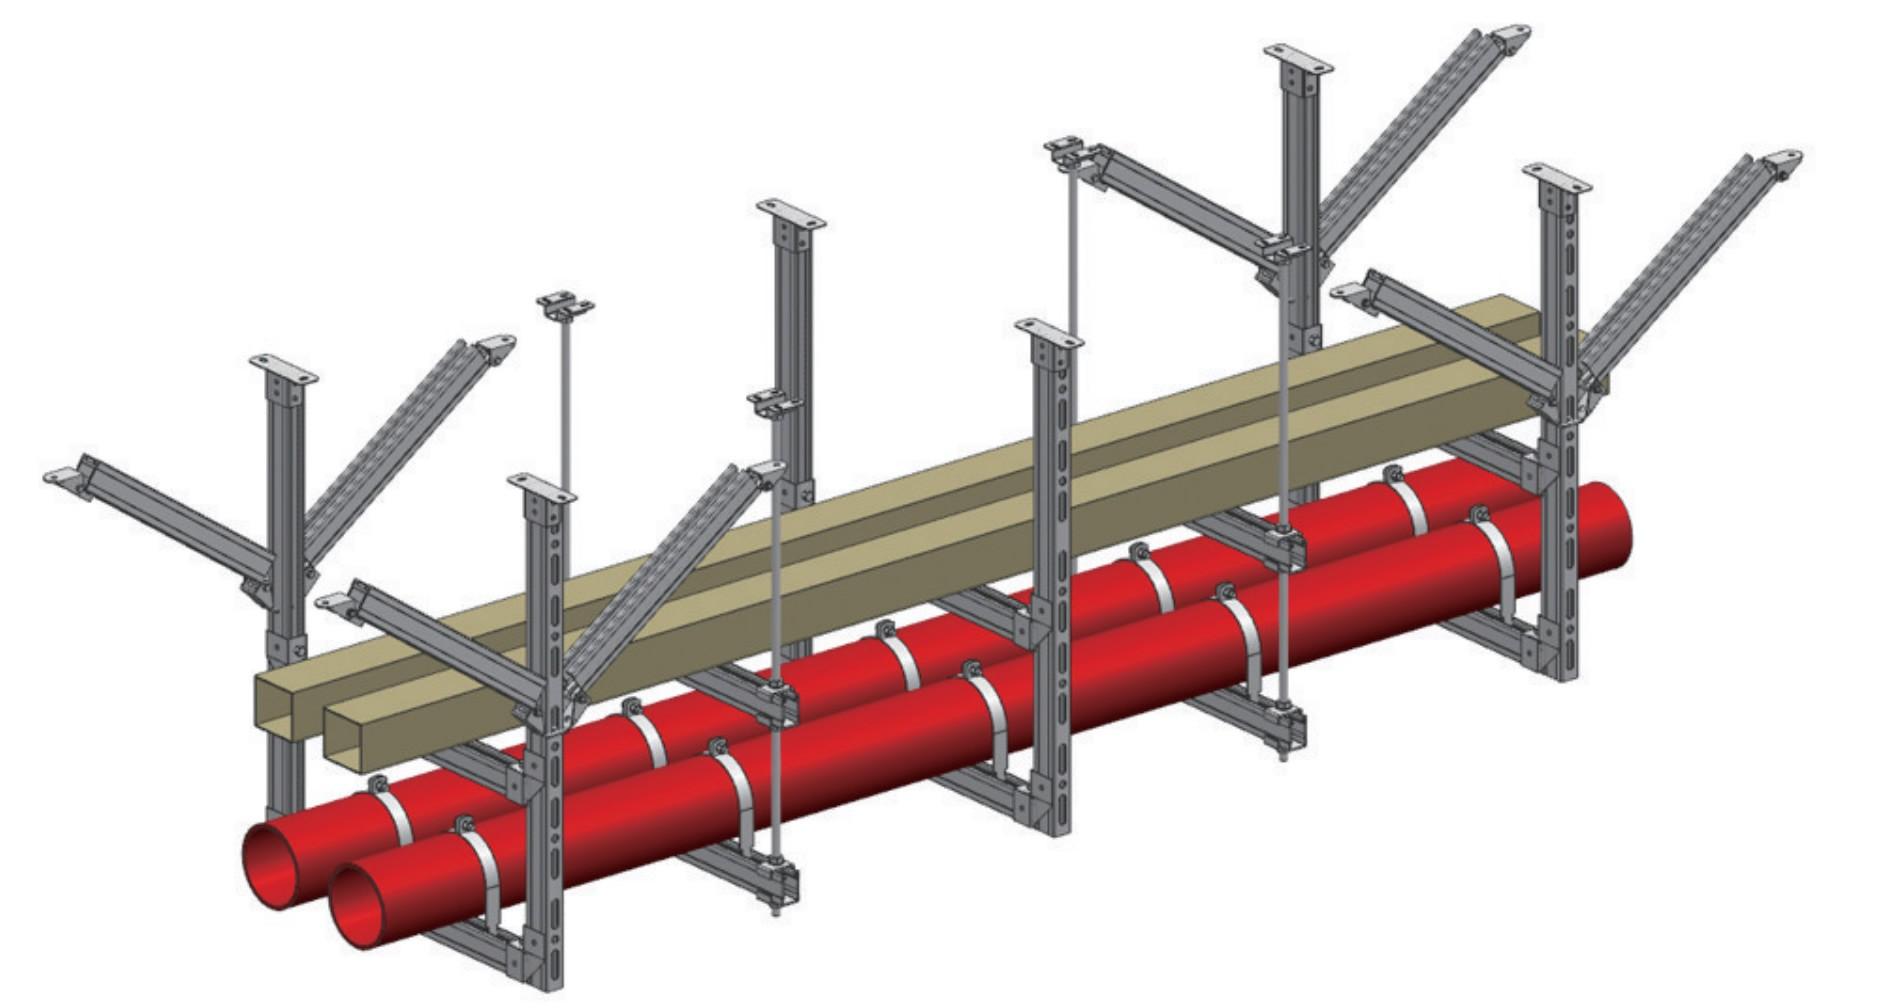 隧道支吊架产品的选择和使用秘籍